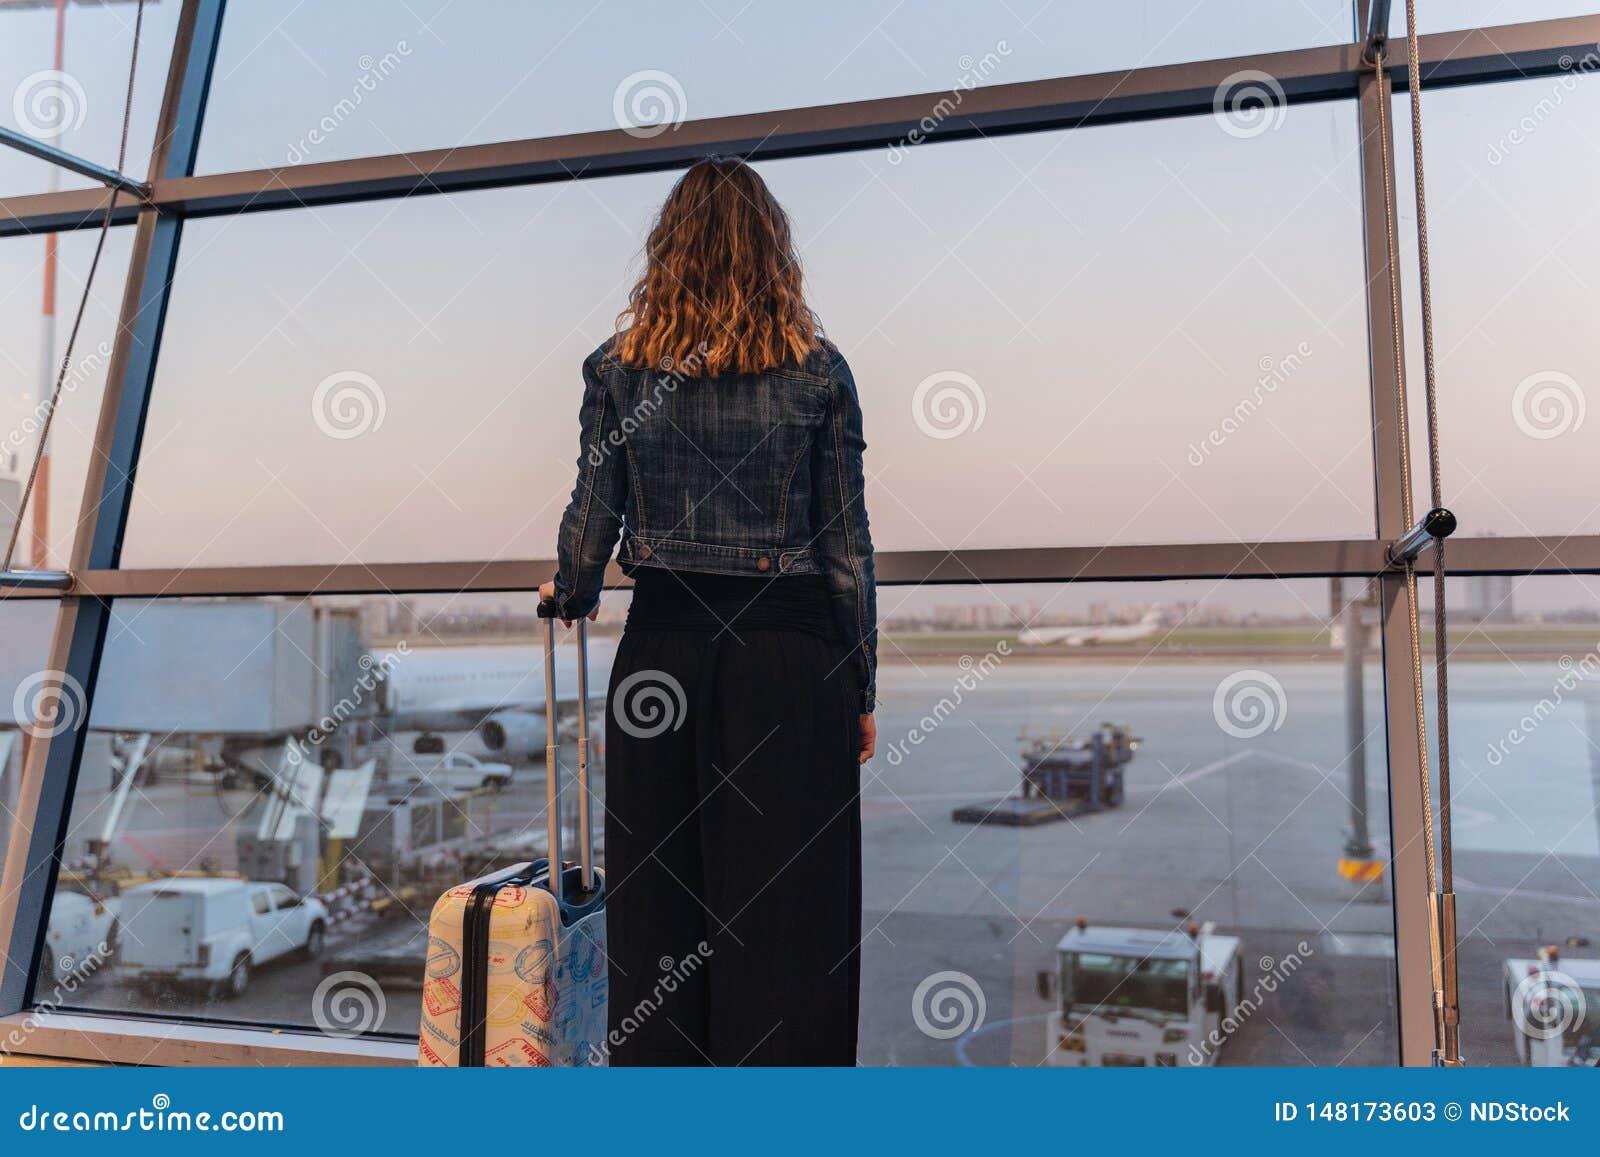 Junge Frau in einem Flughafen, der die Flugzeuge vor Abfahrt betrachtet